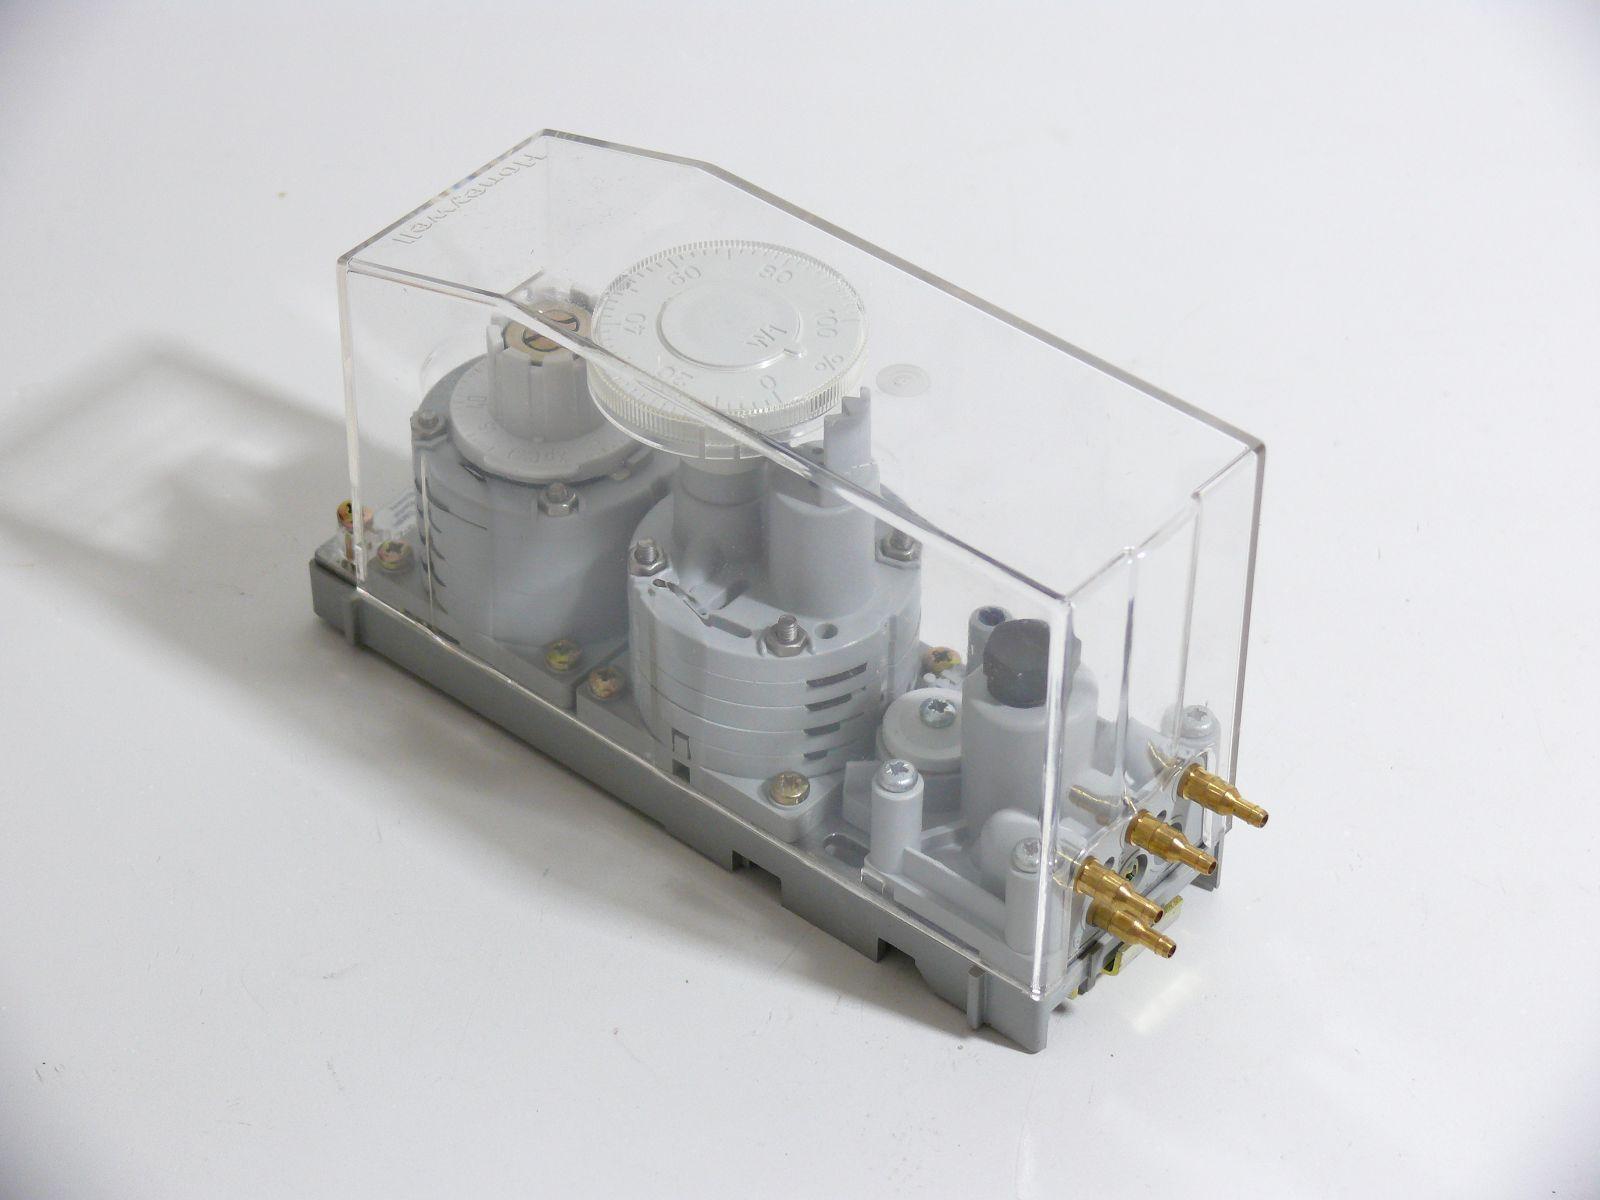 Honeywell Modular Pneumatischer Controller Controller Controller RP920A1009    56c188